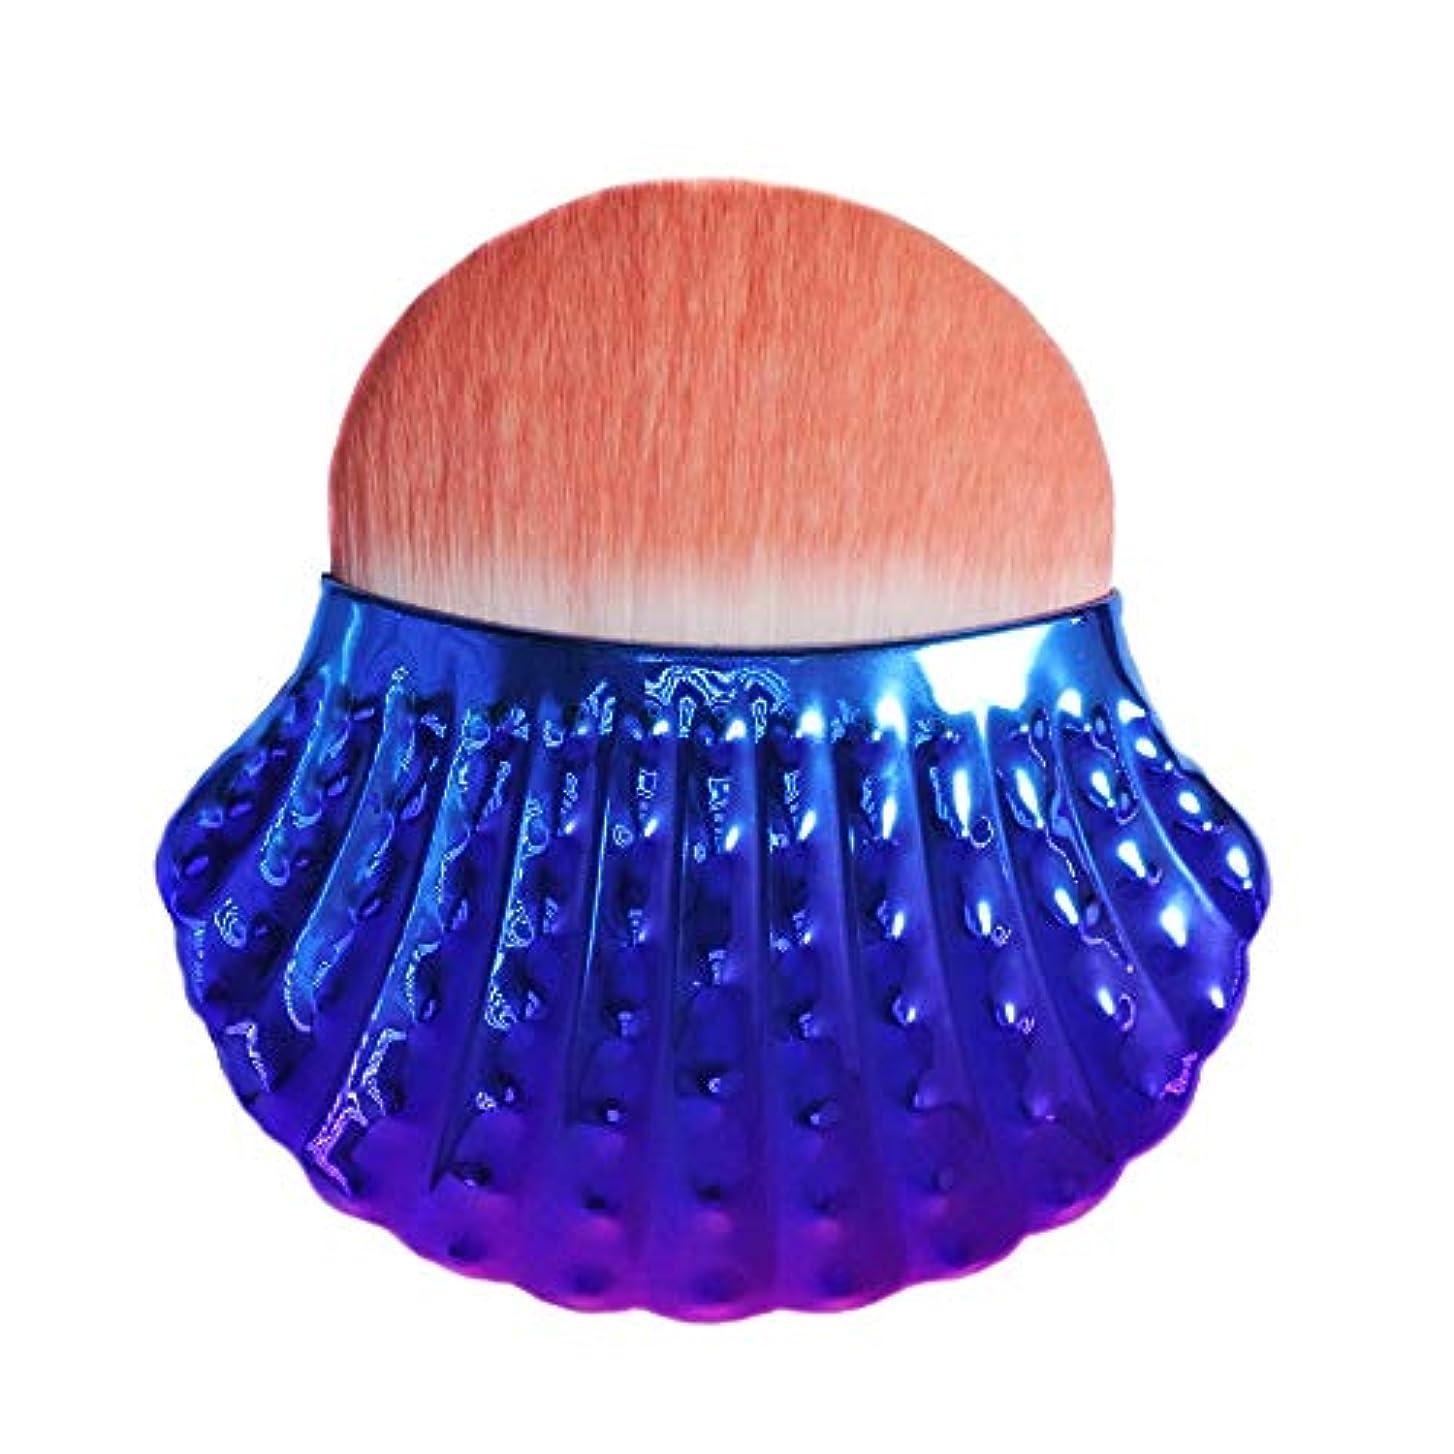 国際ラグカカドゥMakeup brushes 青、独占シェルタイプブラッシュブラシ美容メイクブラシツールポータブル多機能メイクブラシ suits (Color : Blue)